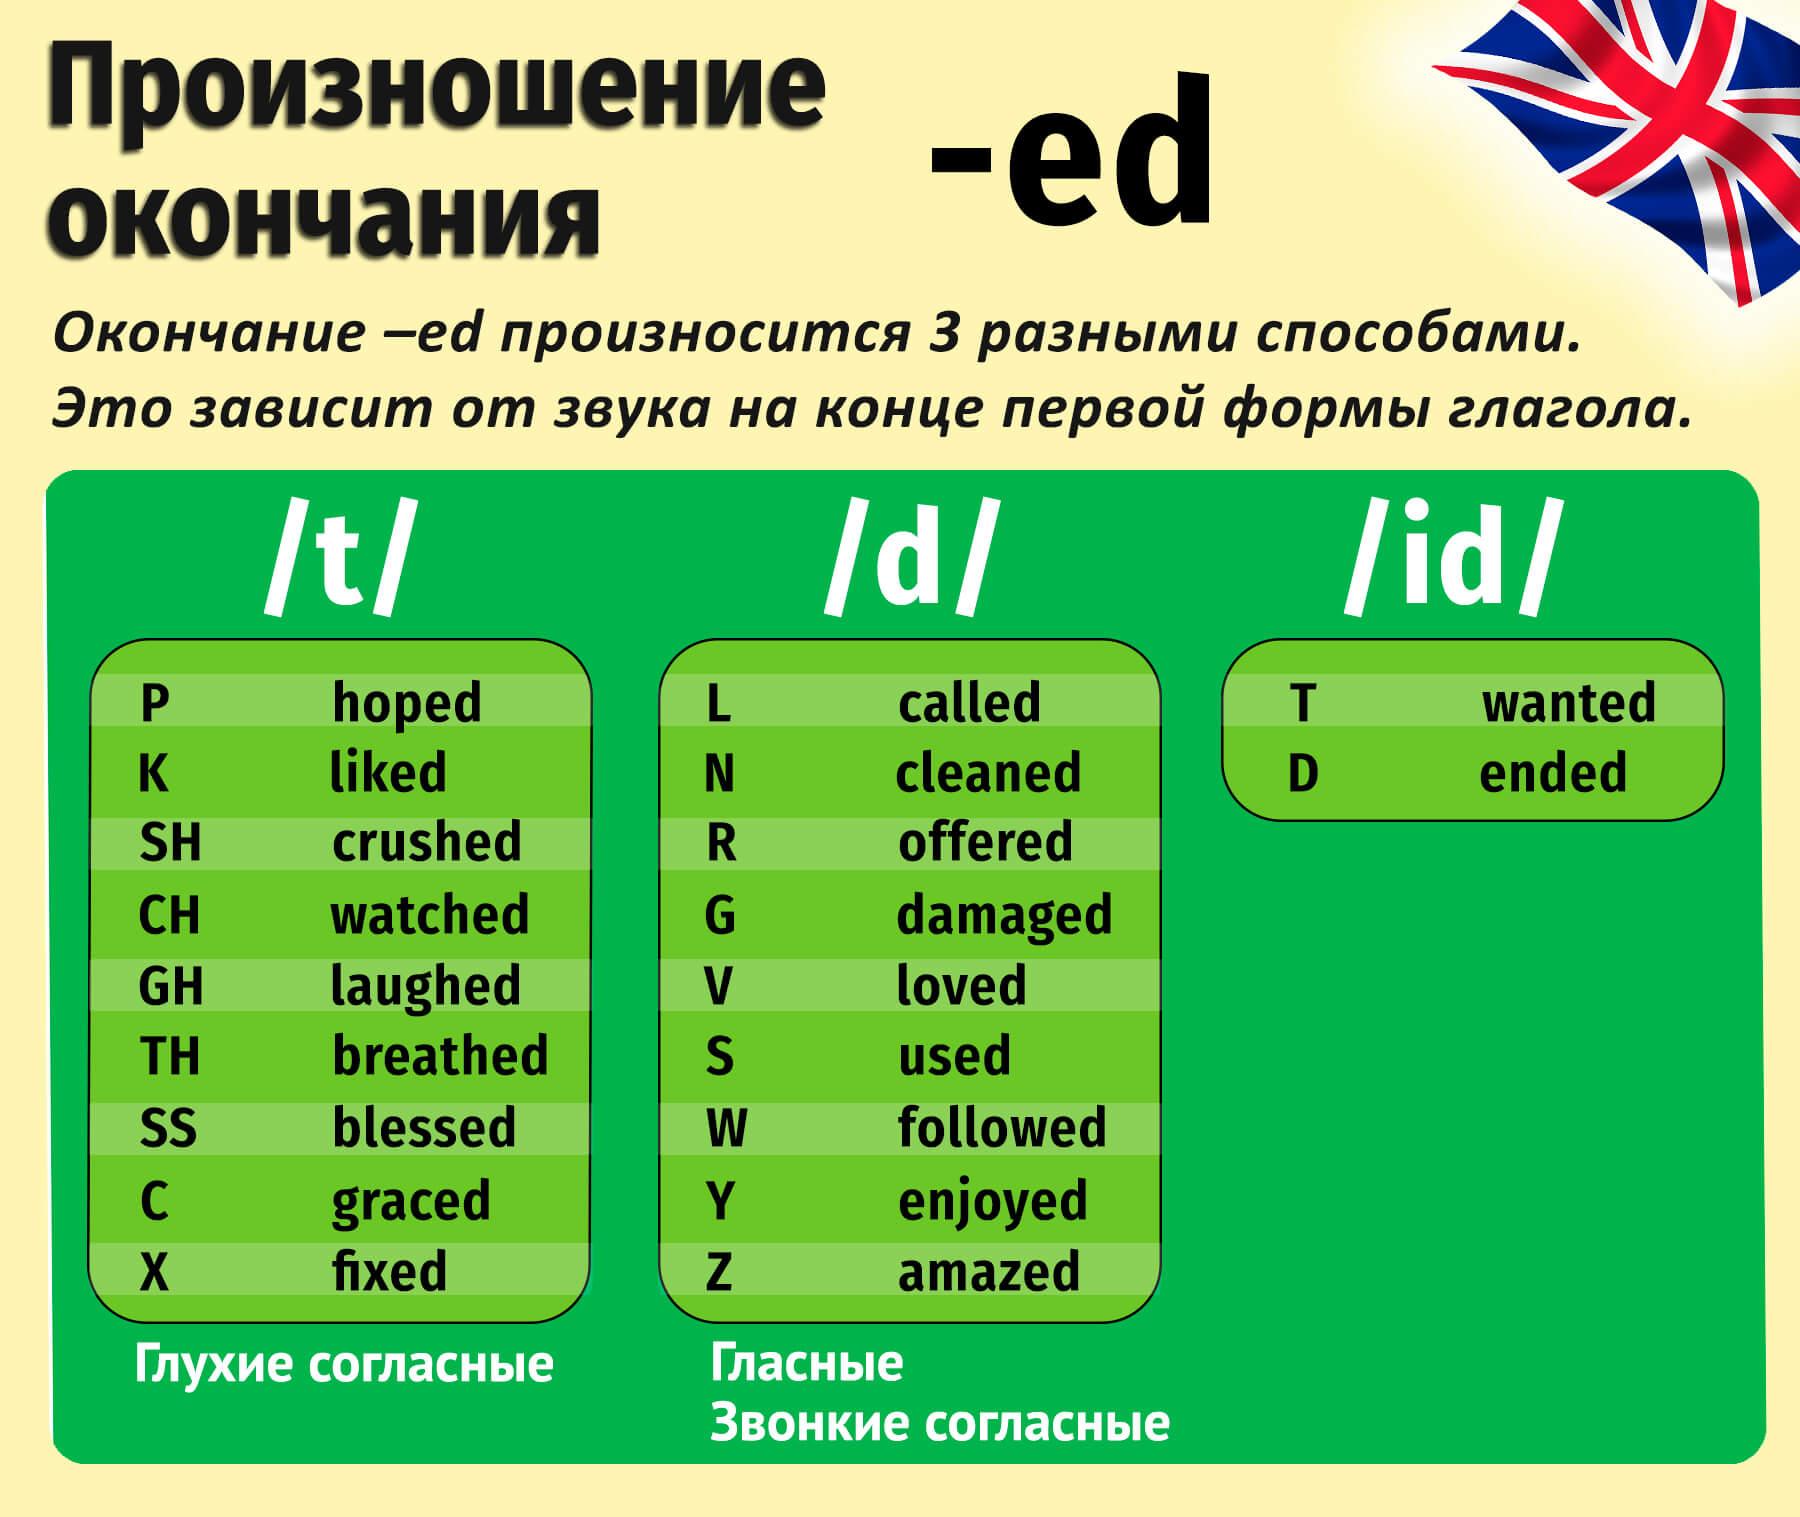 правила произношения ed на конце глаголов в английском языке